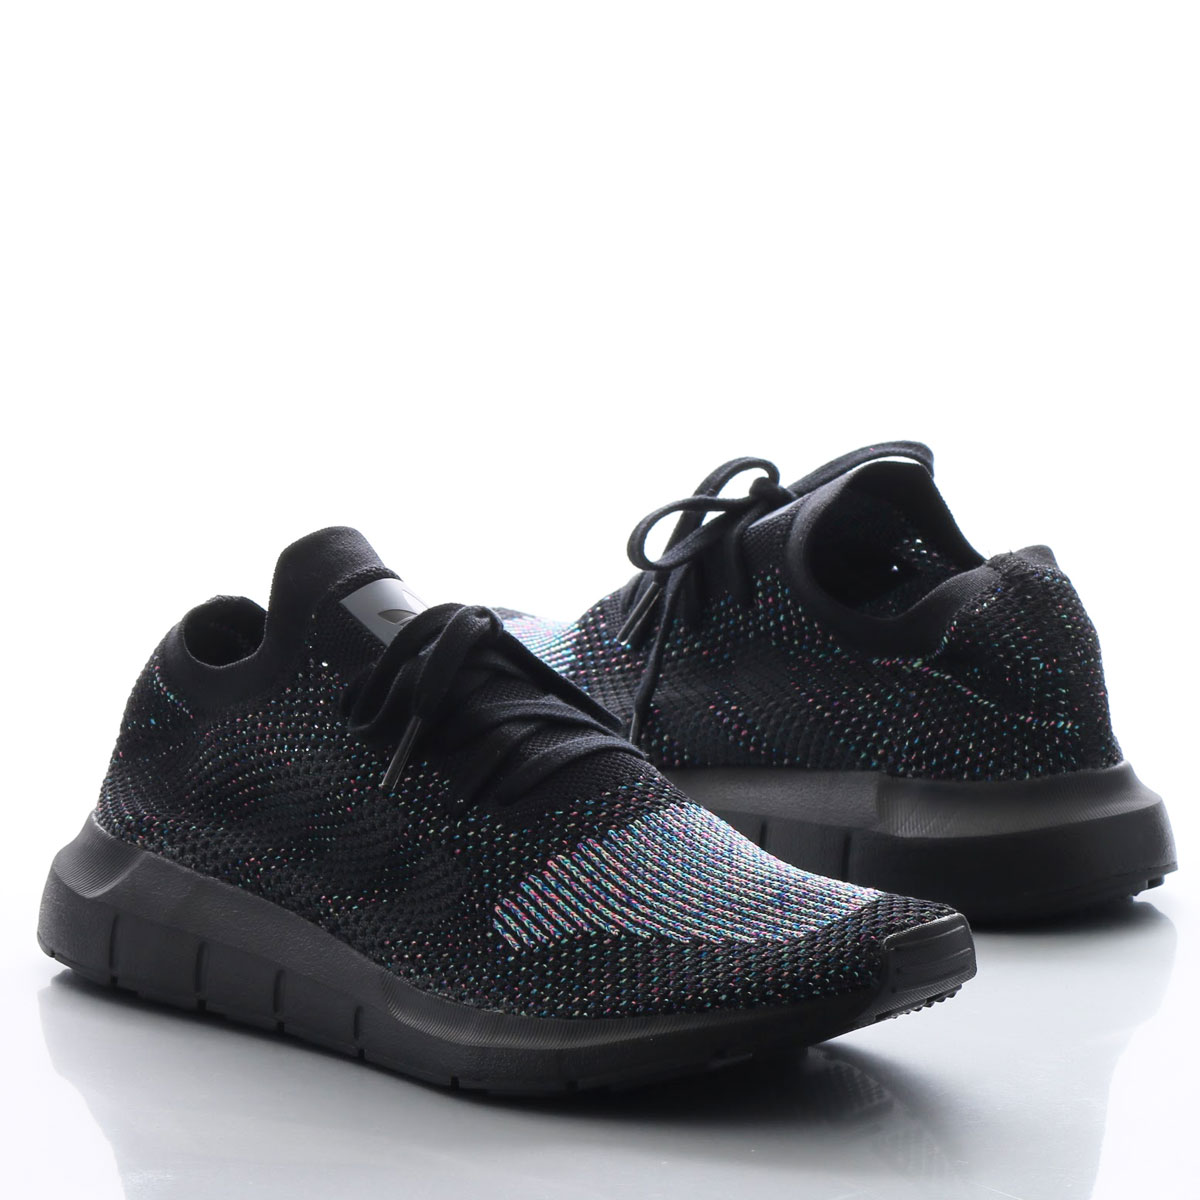 adidas Originals SWIFTRUN PK (Core Black/Grey five/Core Black) 【メンズサイズ】【17FW-I】